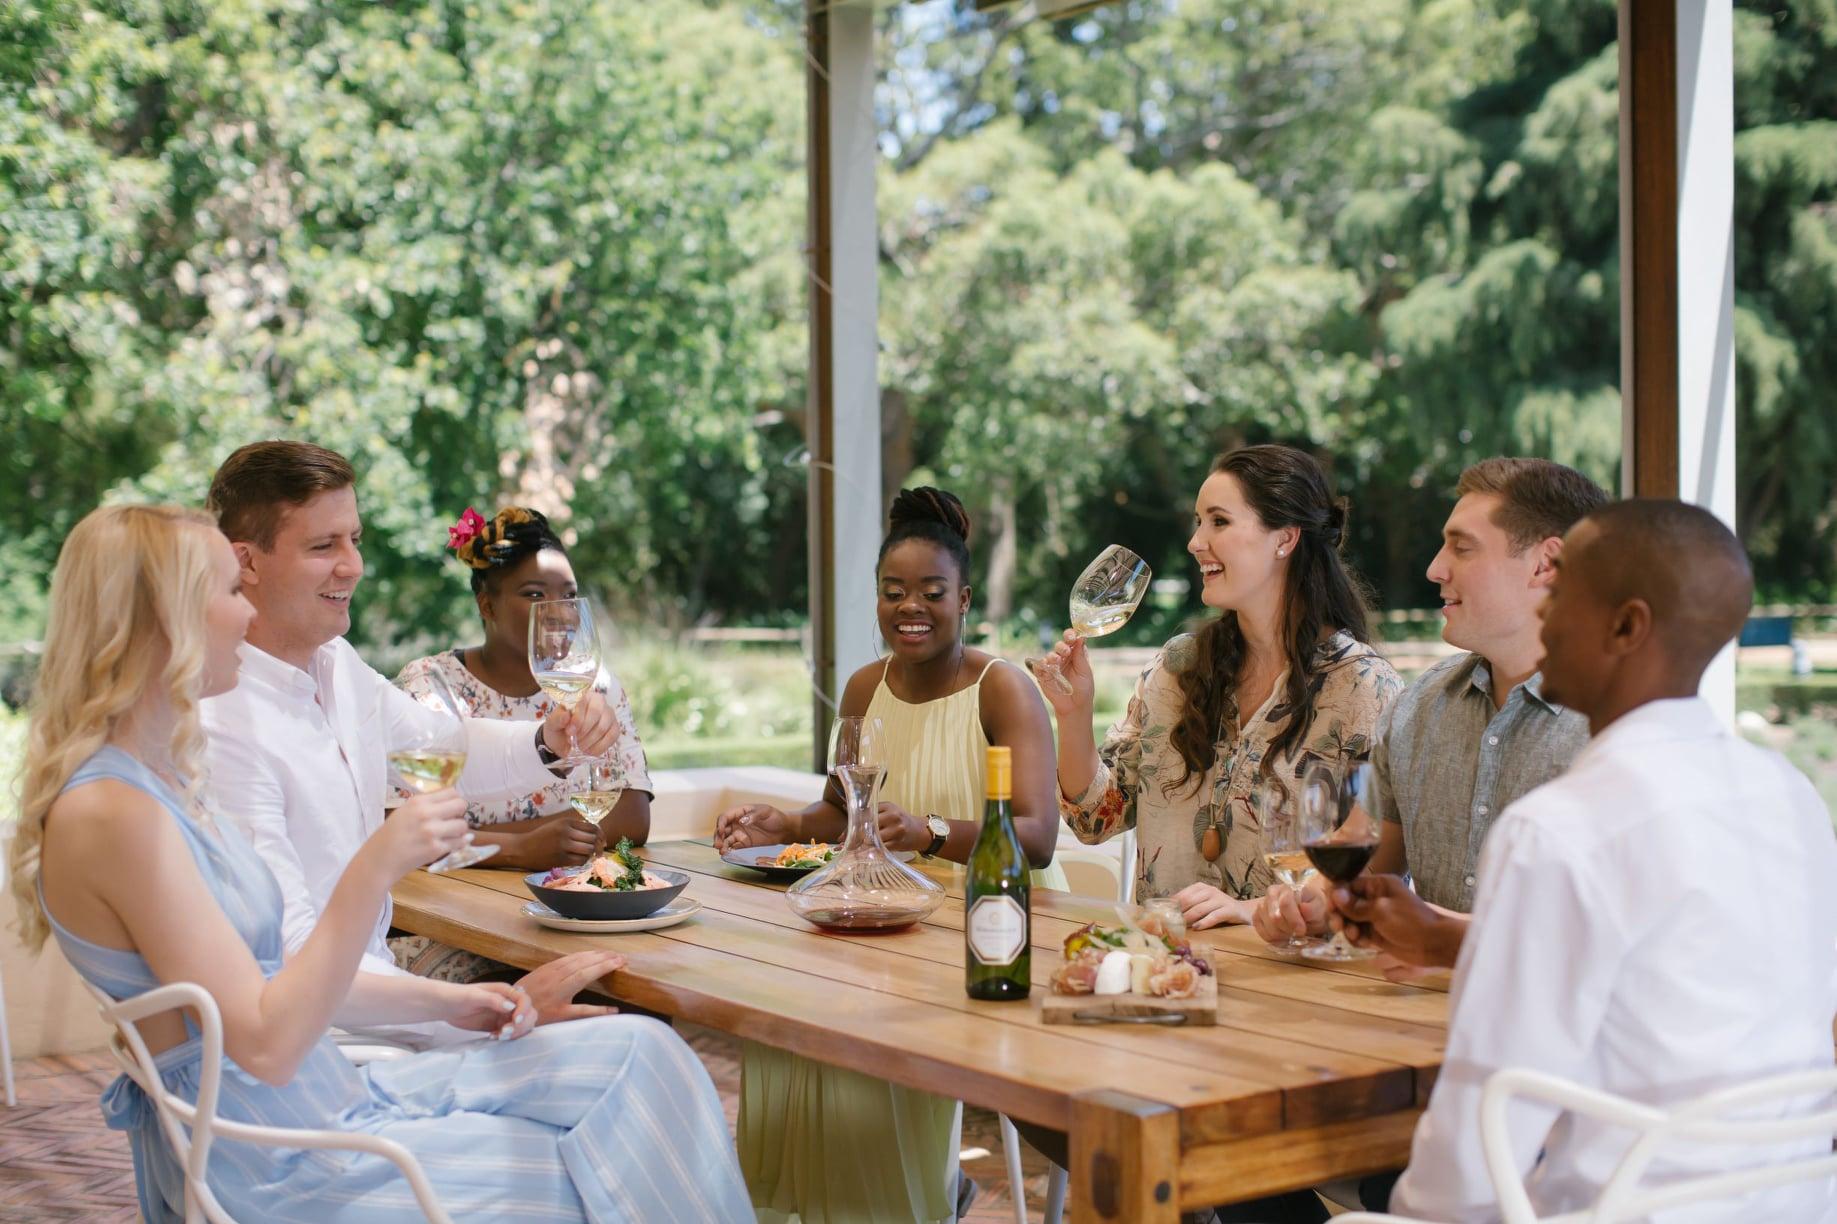 Vergelegen Wines via Facebook